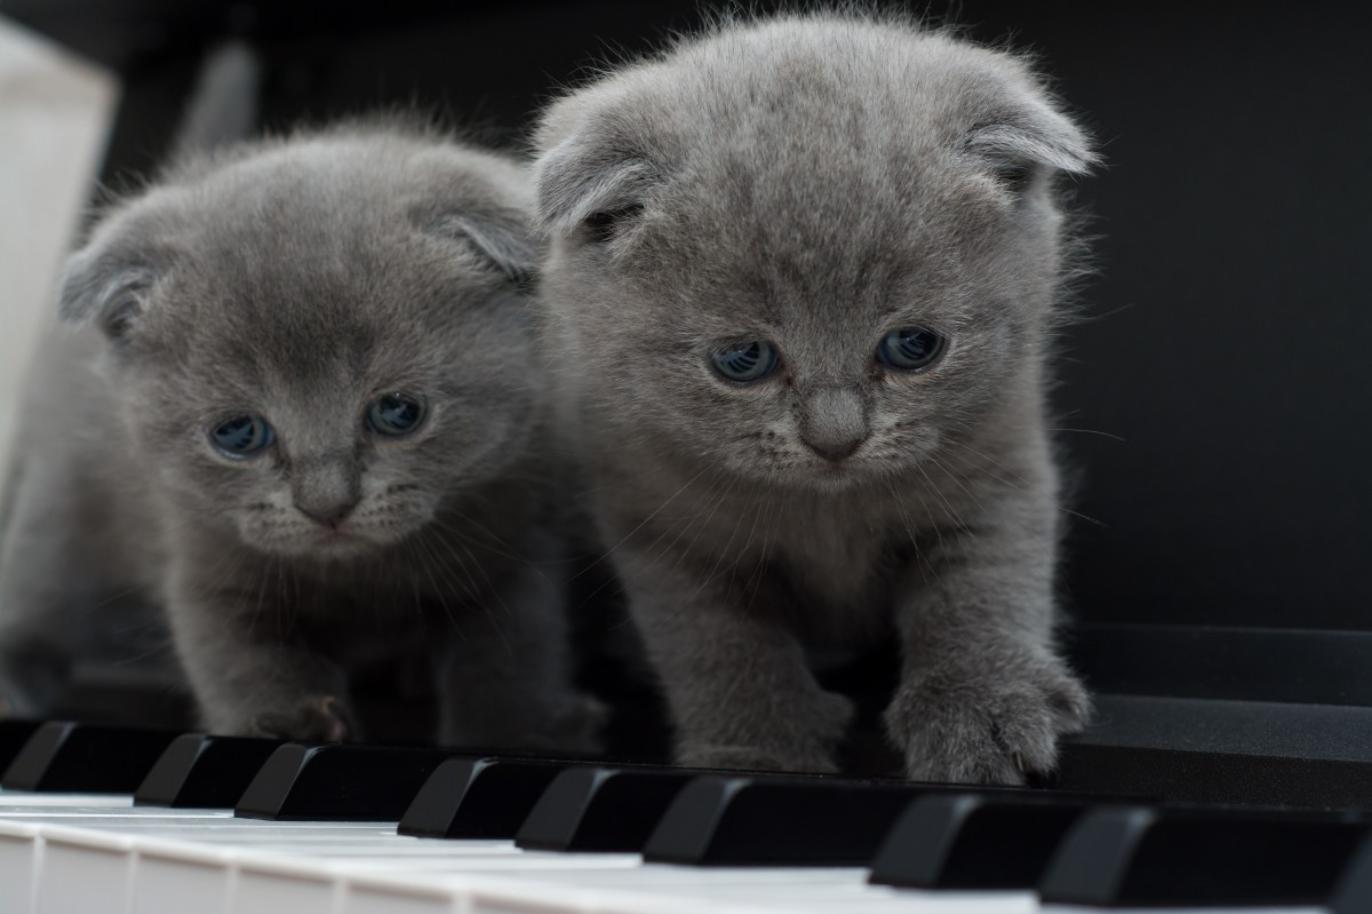 deux chats scottish fold chatons